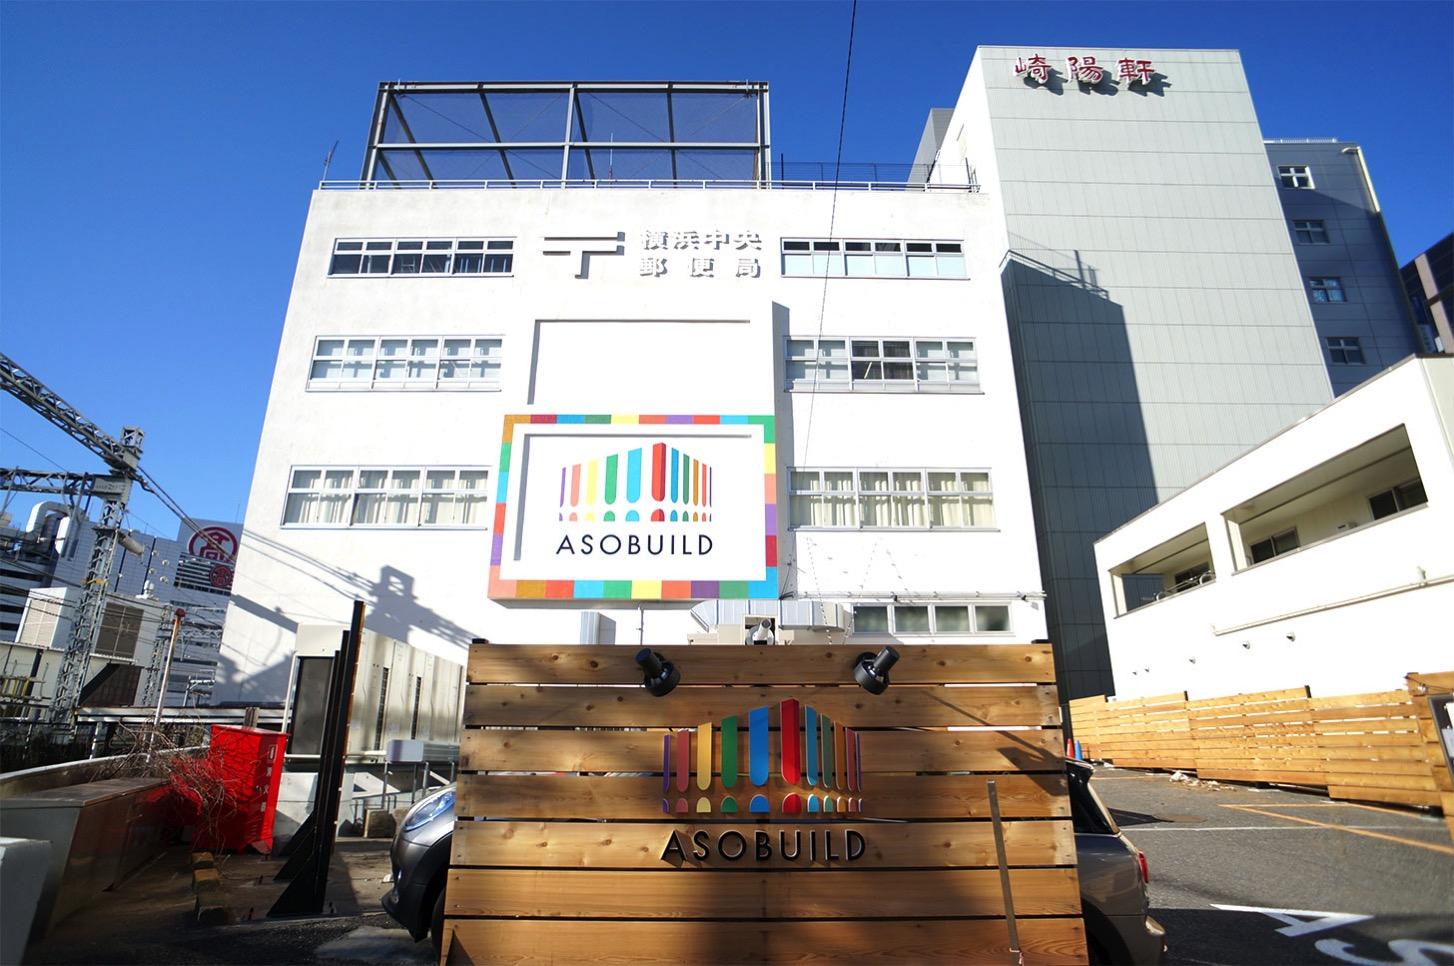 横浜駅 丿貫(へちかん)新店舗「煮干蕎麦」アソビルに5月11日オープン!